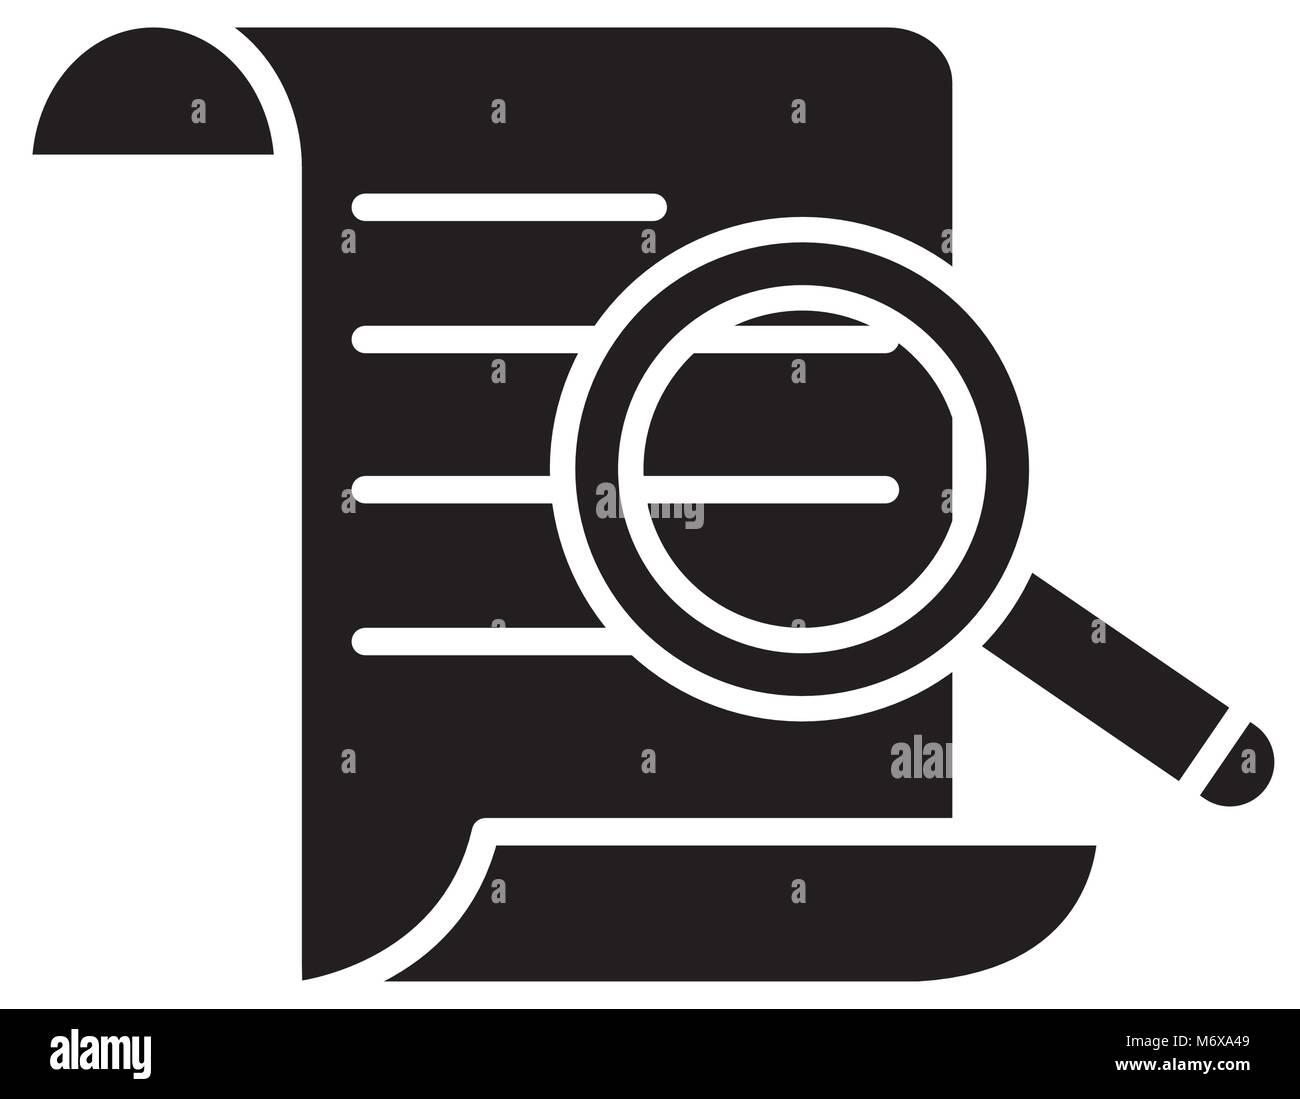 Silueta de papel información del documento con lupa ilustración vectorial  Imagen Vector de stock - Alamy